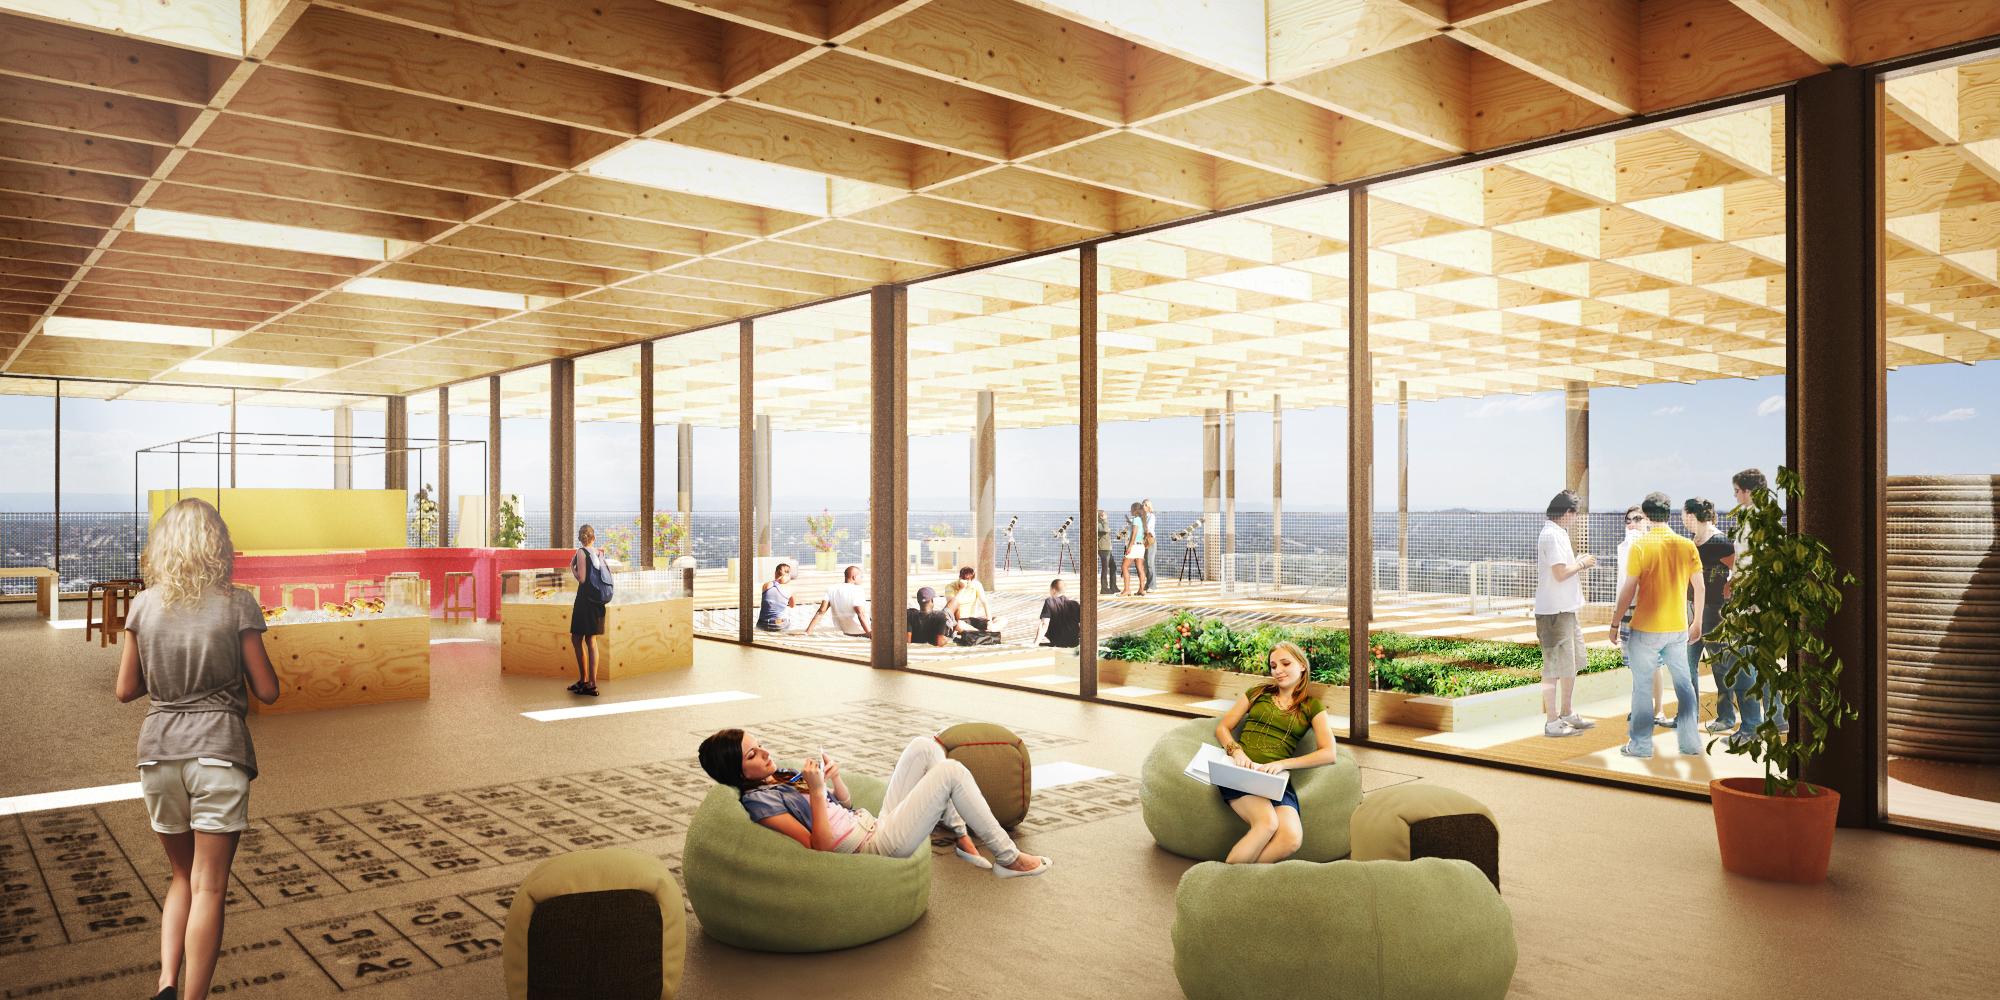 GAS_ParramattaSchool_View_03-01.jpg